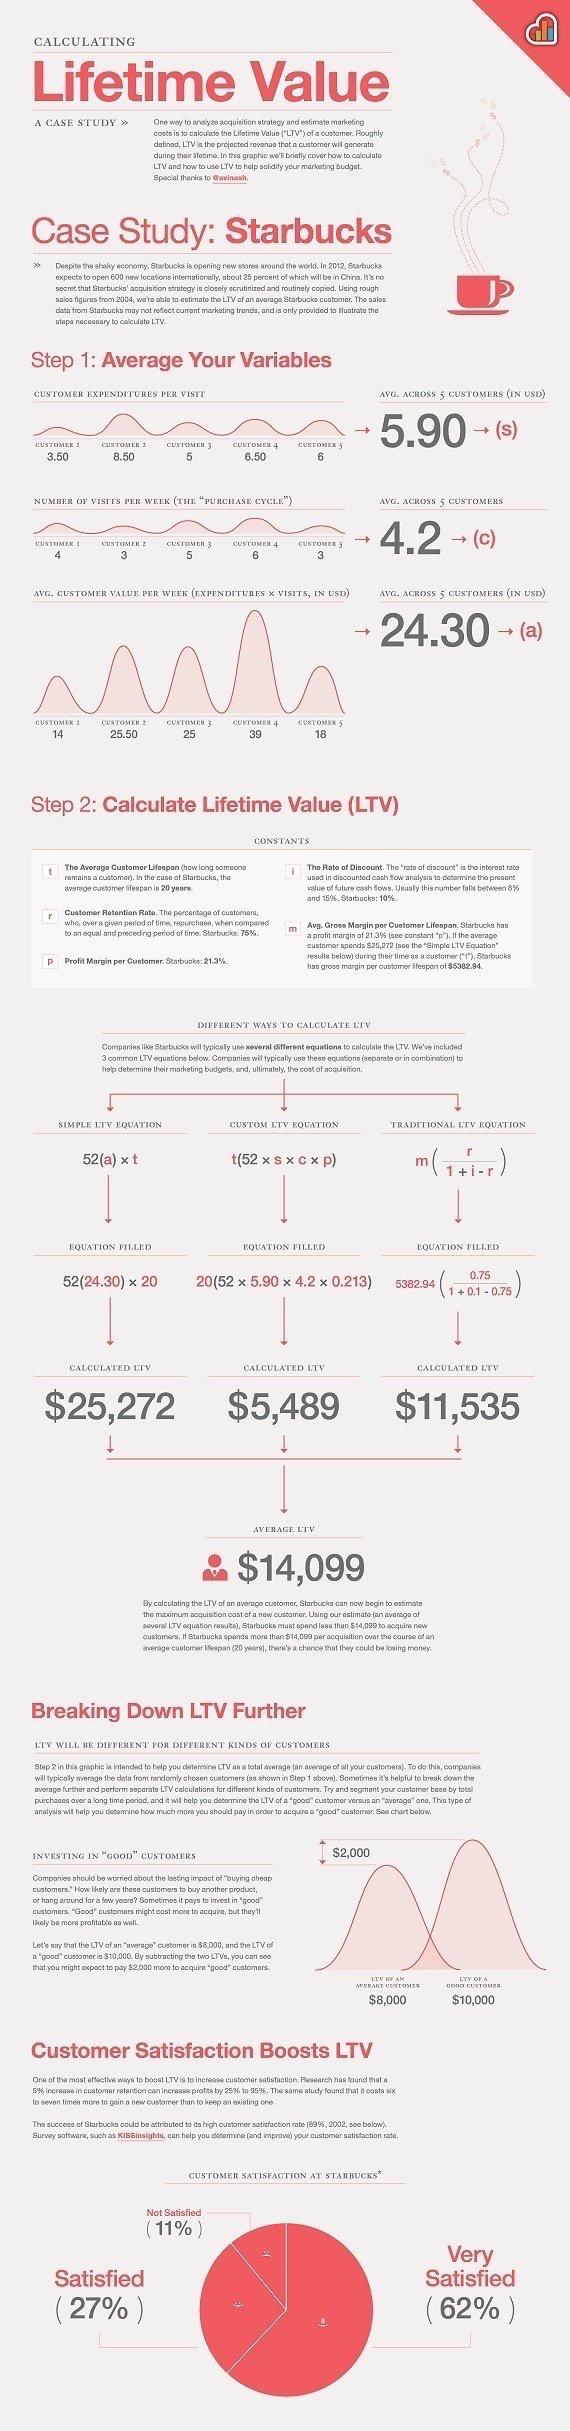 Cómo calcular el valor de por vida del cliente